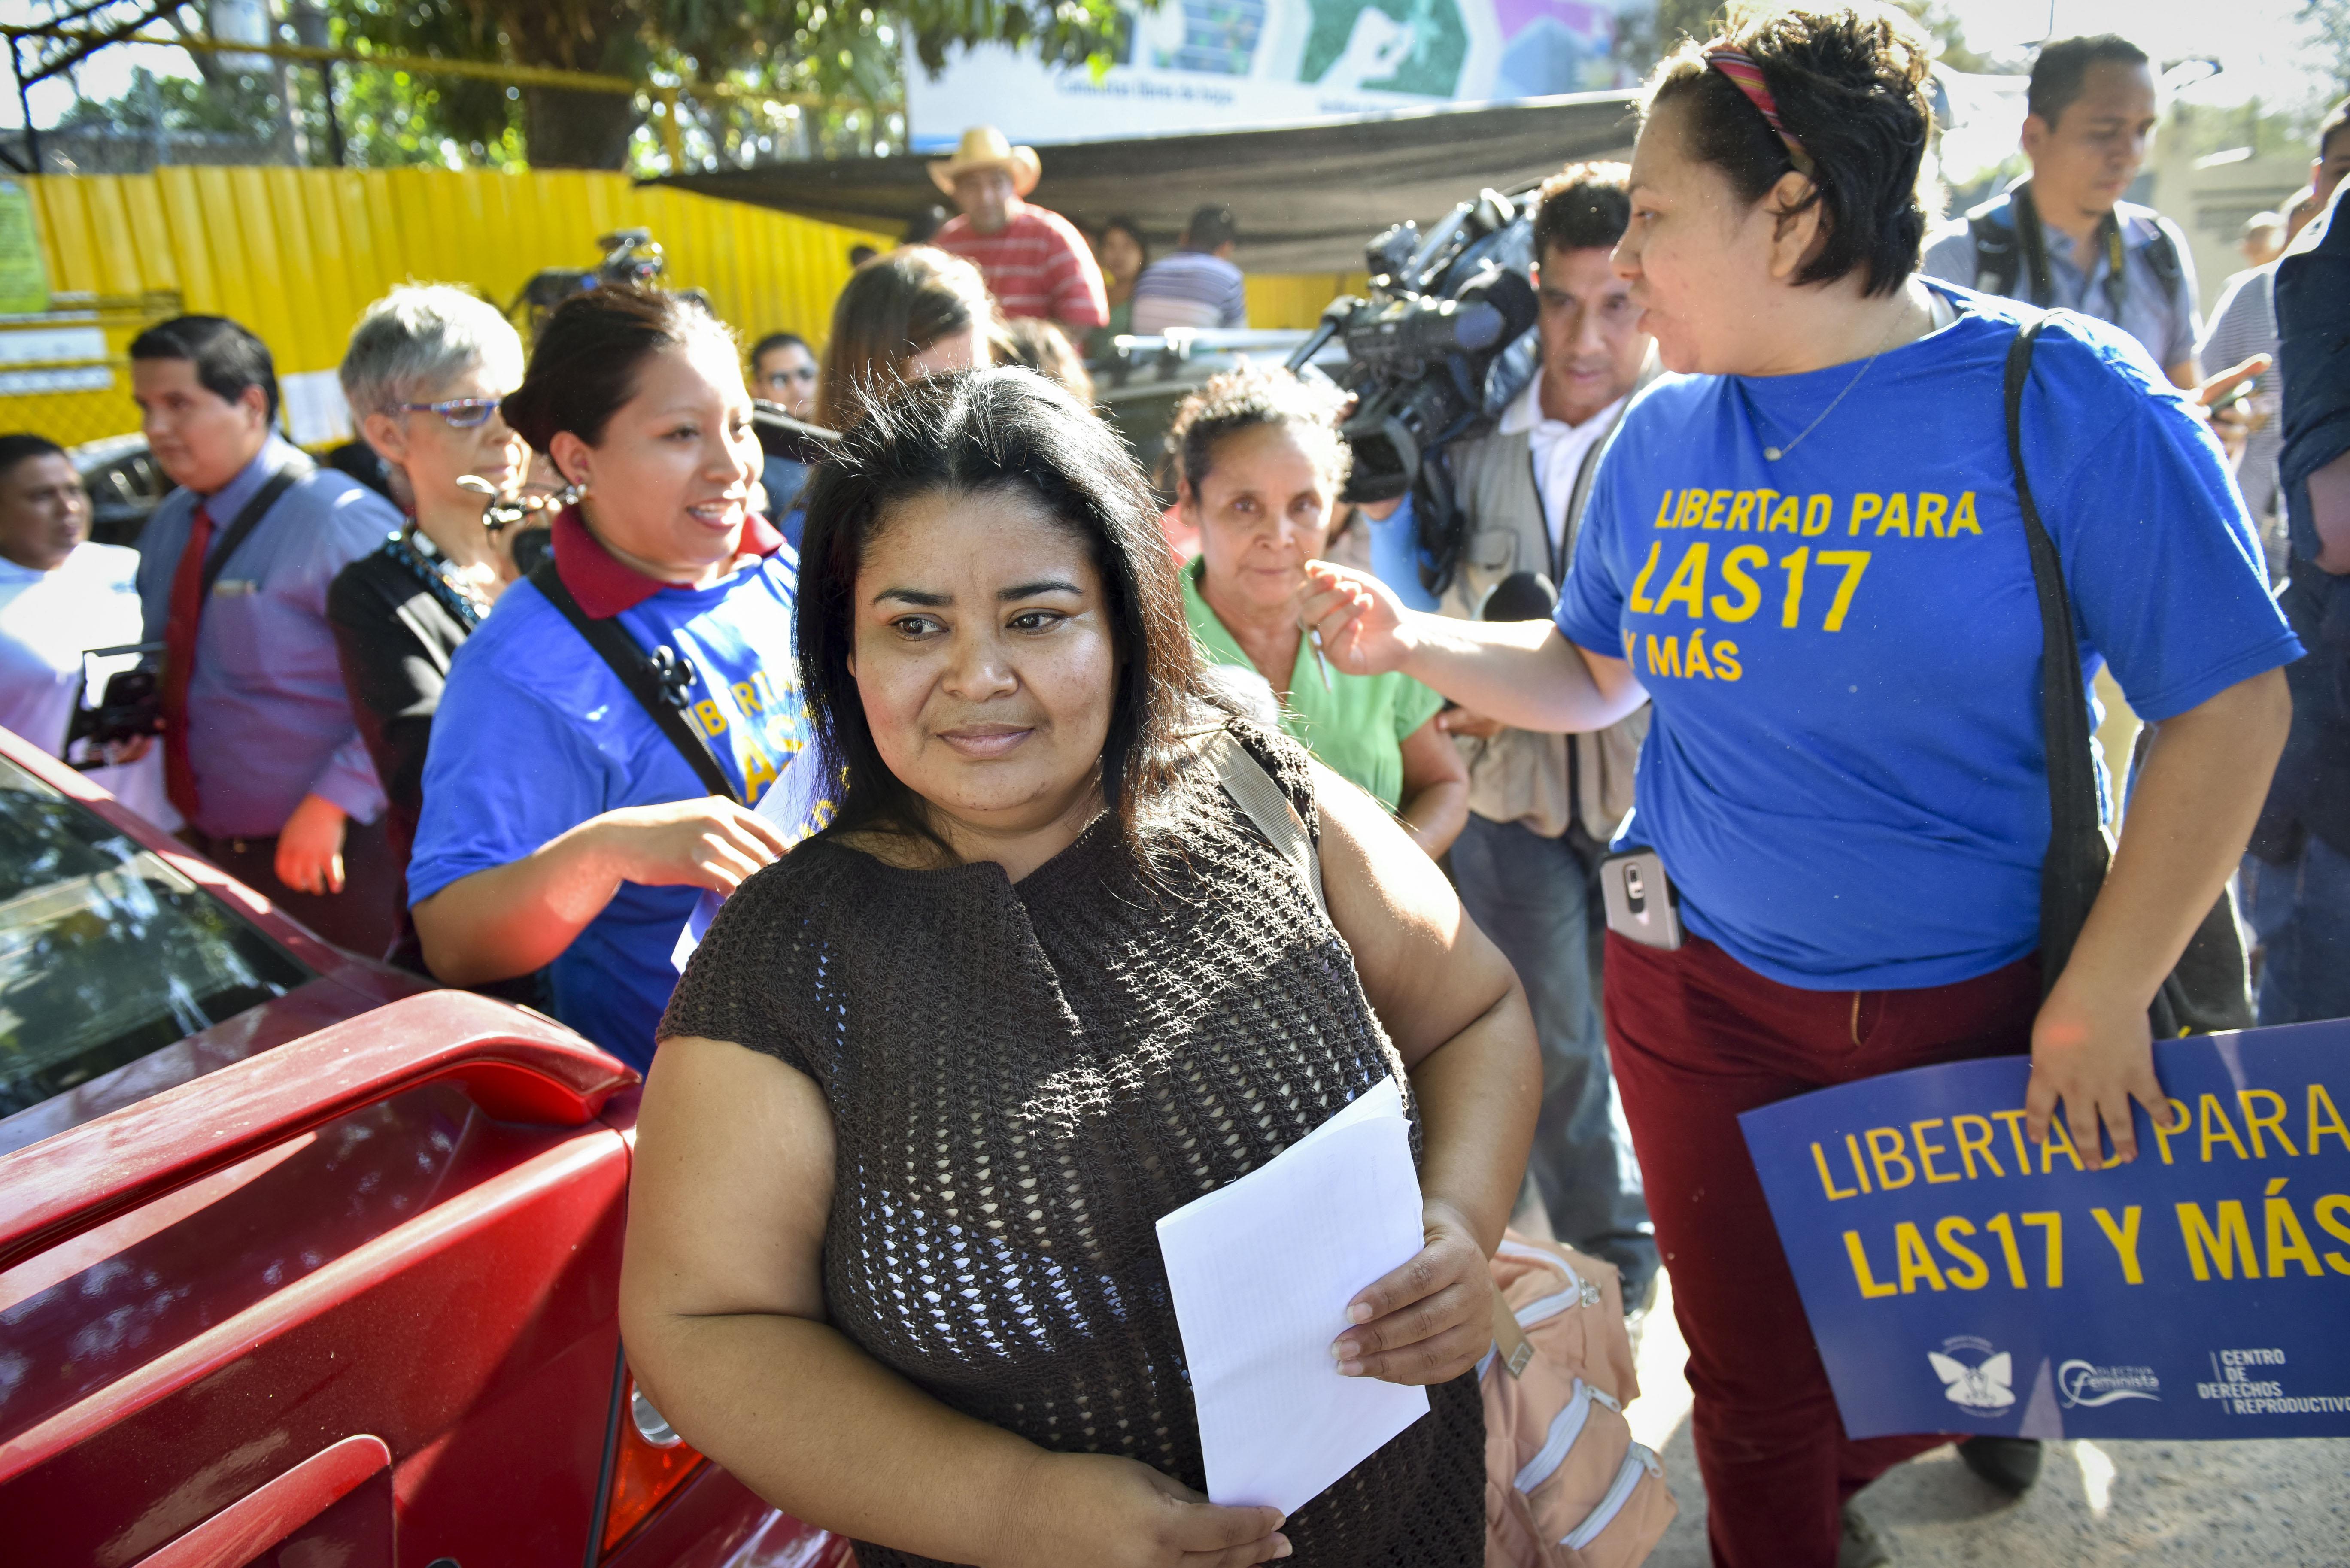 15 év után szabadon engedtek egy nőt El Salvadorban, akit korábban azért börtönöztek be, mert abortusza volt